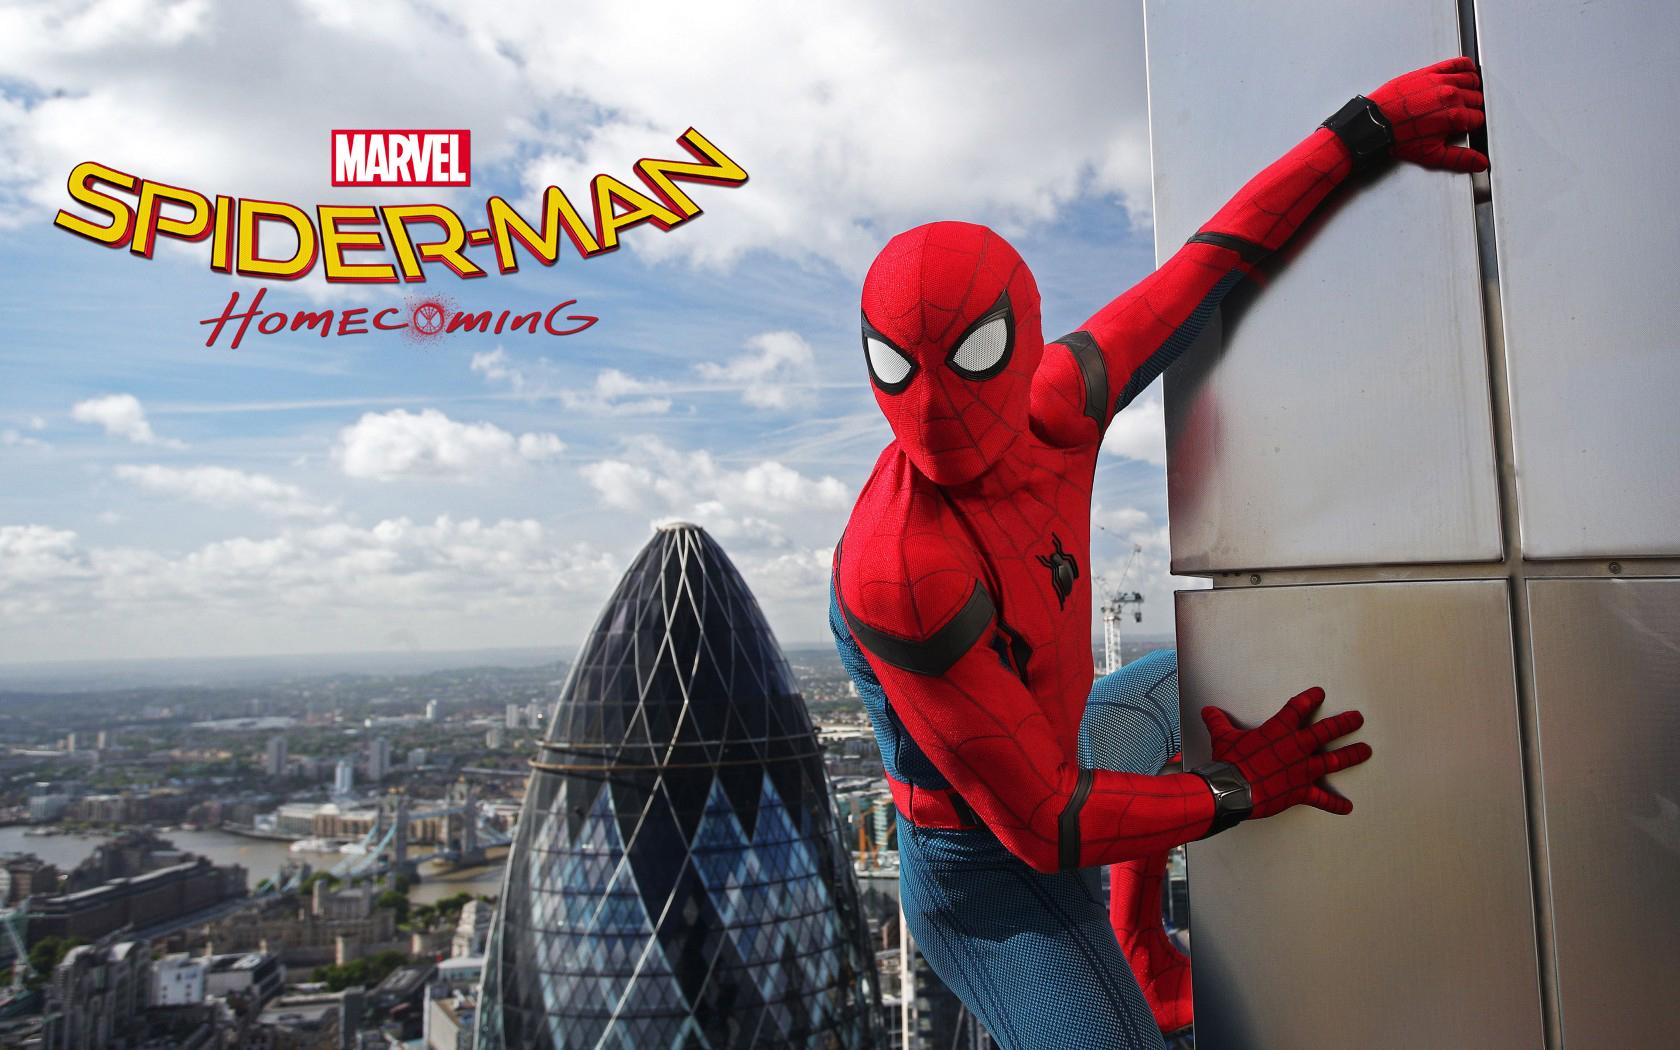 'Homem-Aranha: De Volta ao Lar' consagra-se como o filme de super-herói de maior sucesso em 2017